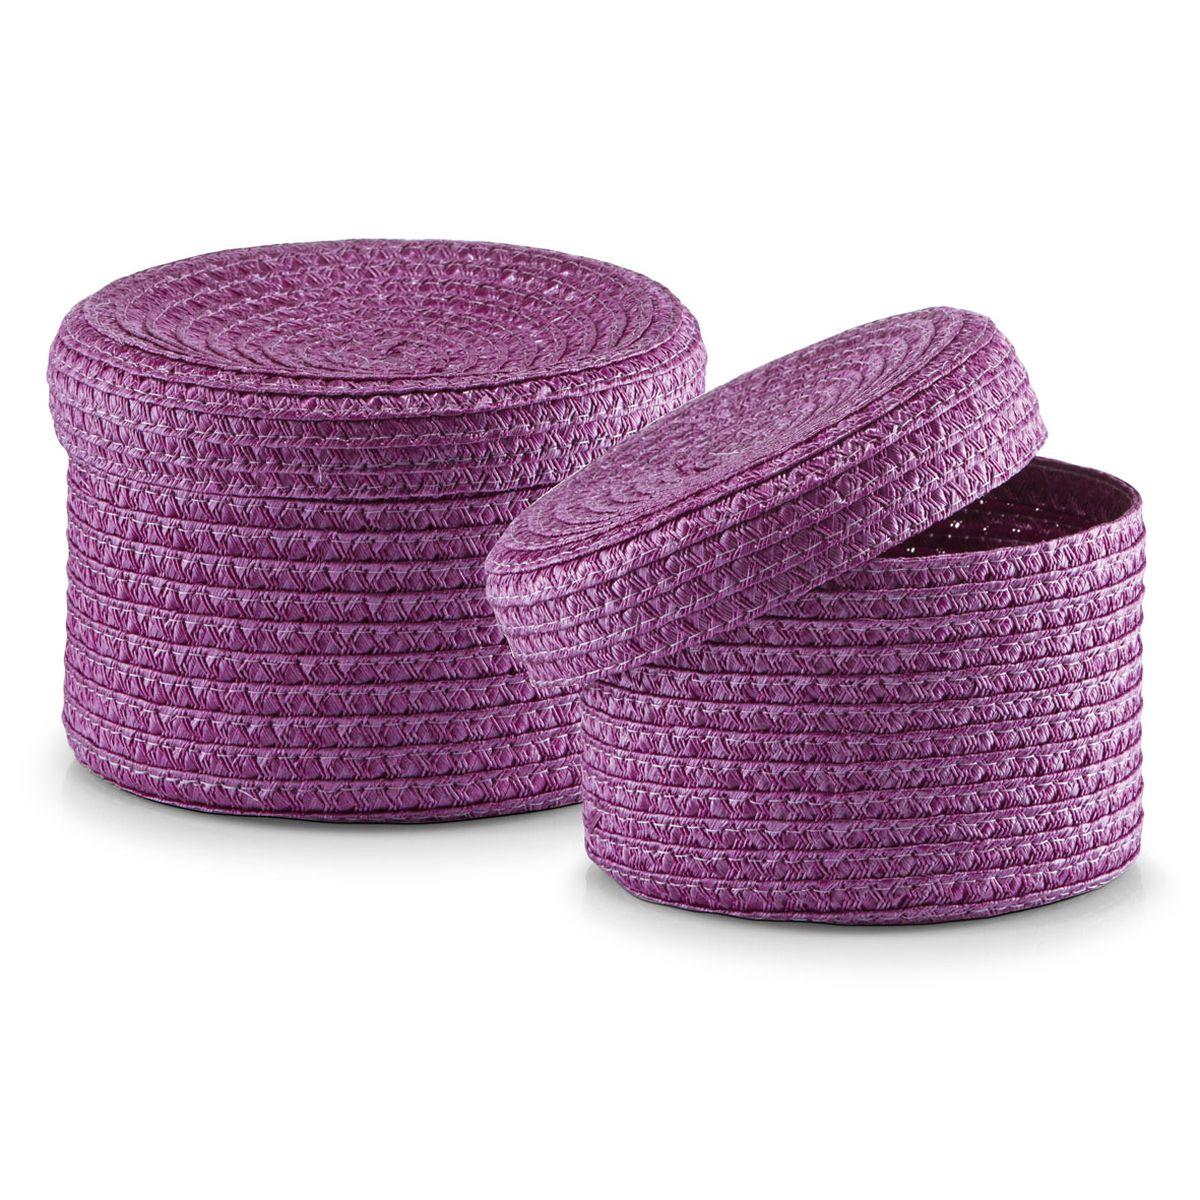 Набор корзинок Zeller, 2 предмета. 1412114121Набор корзинок изготовлен из текстиля. Подходит: - для упаковки подарков, цветочных композиций и подарочных наборов; - для хранения различных вещей, аксессуаров; - как декоративный элемент интерьера. Корзины выполнены из экологически чистого материала, будут создавать уют и комфорт в Вашем доме. d-16x10; d-17x12